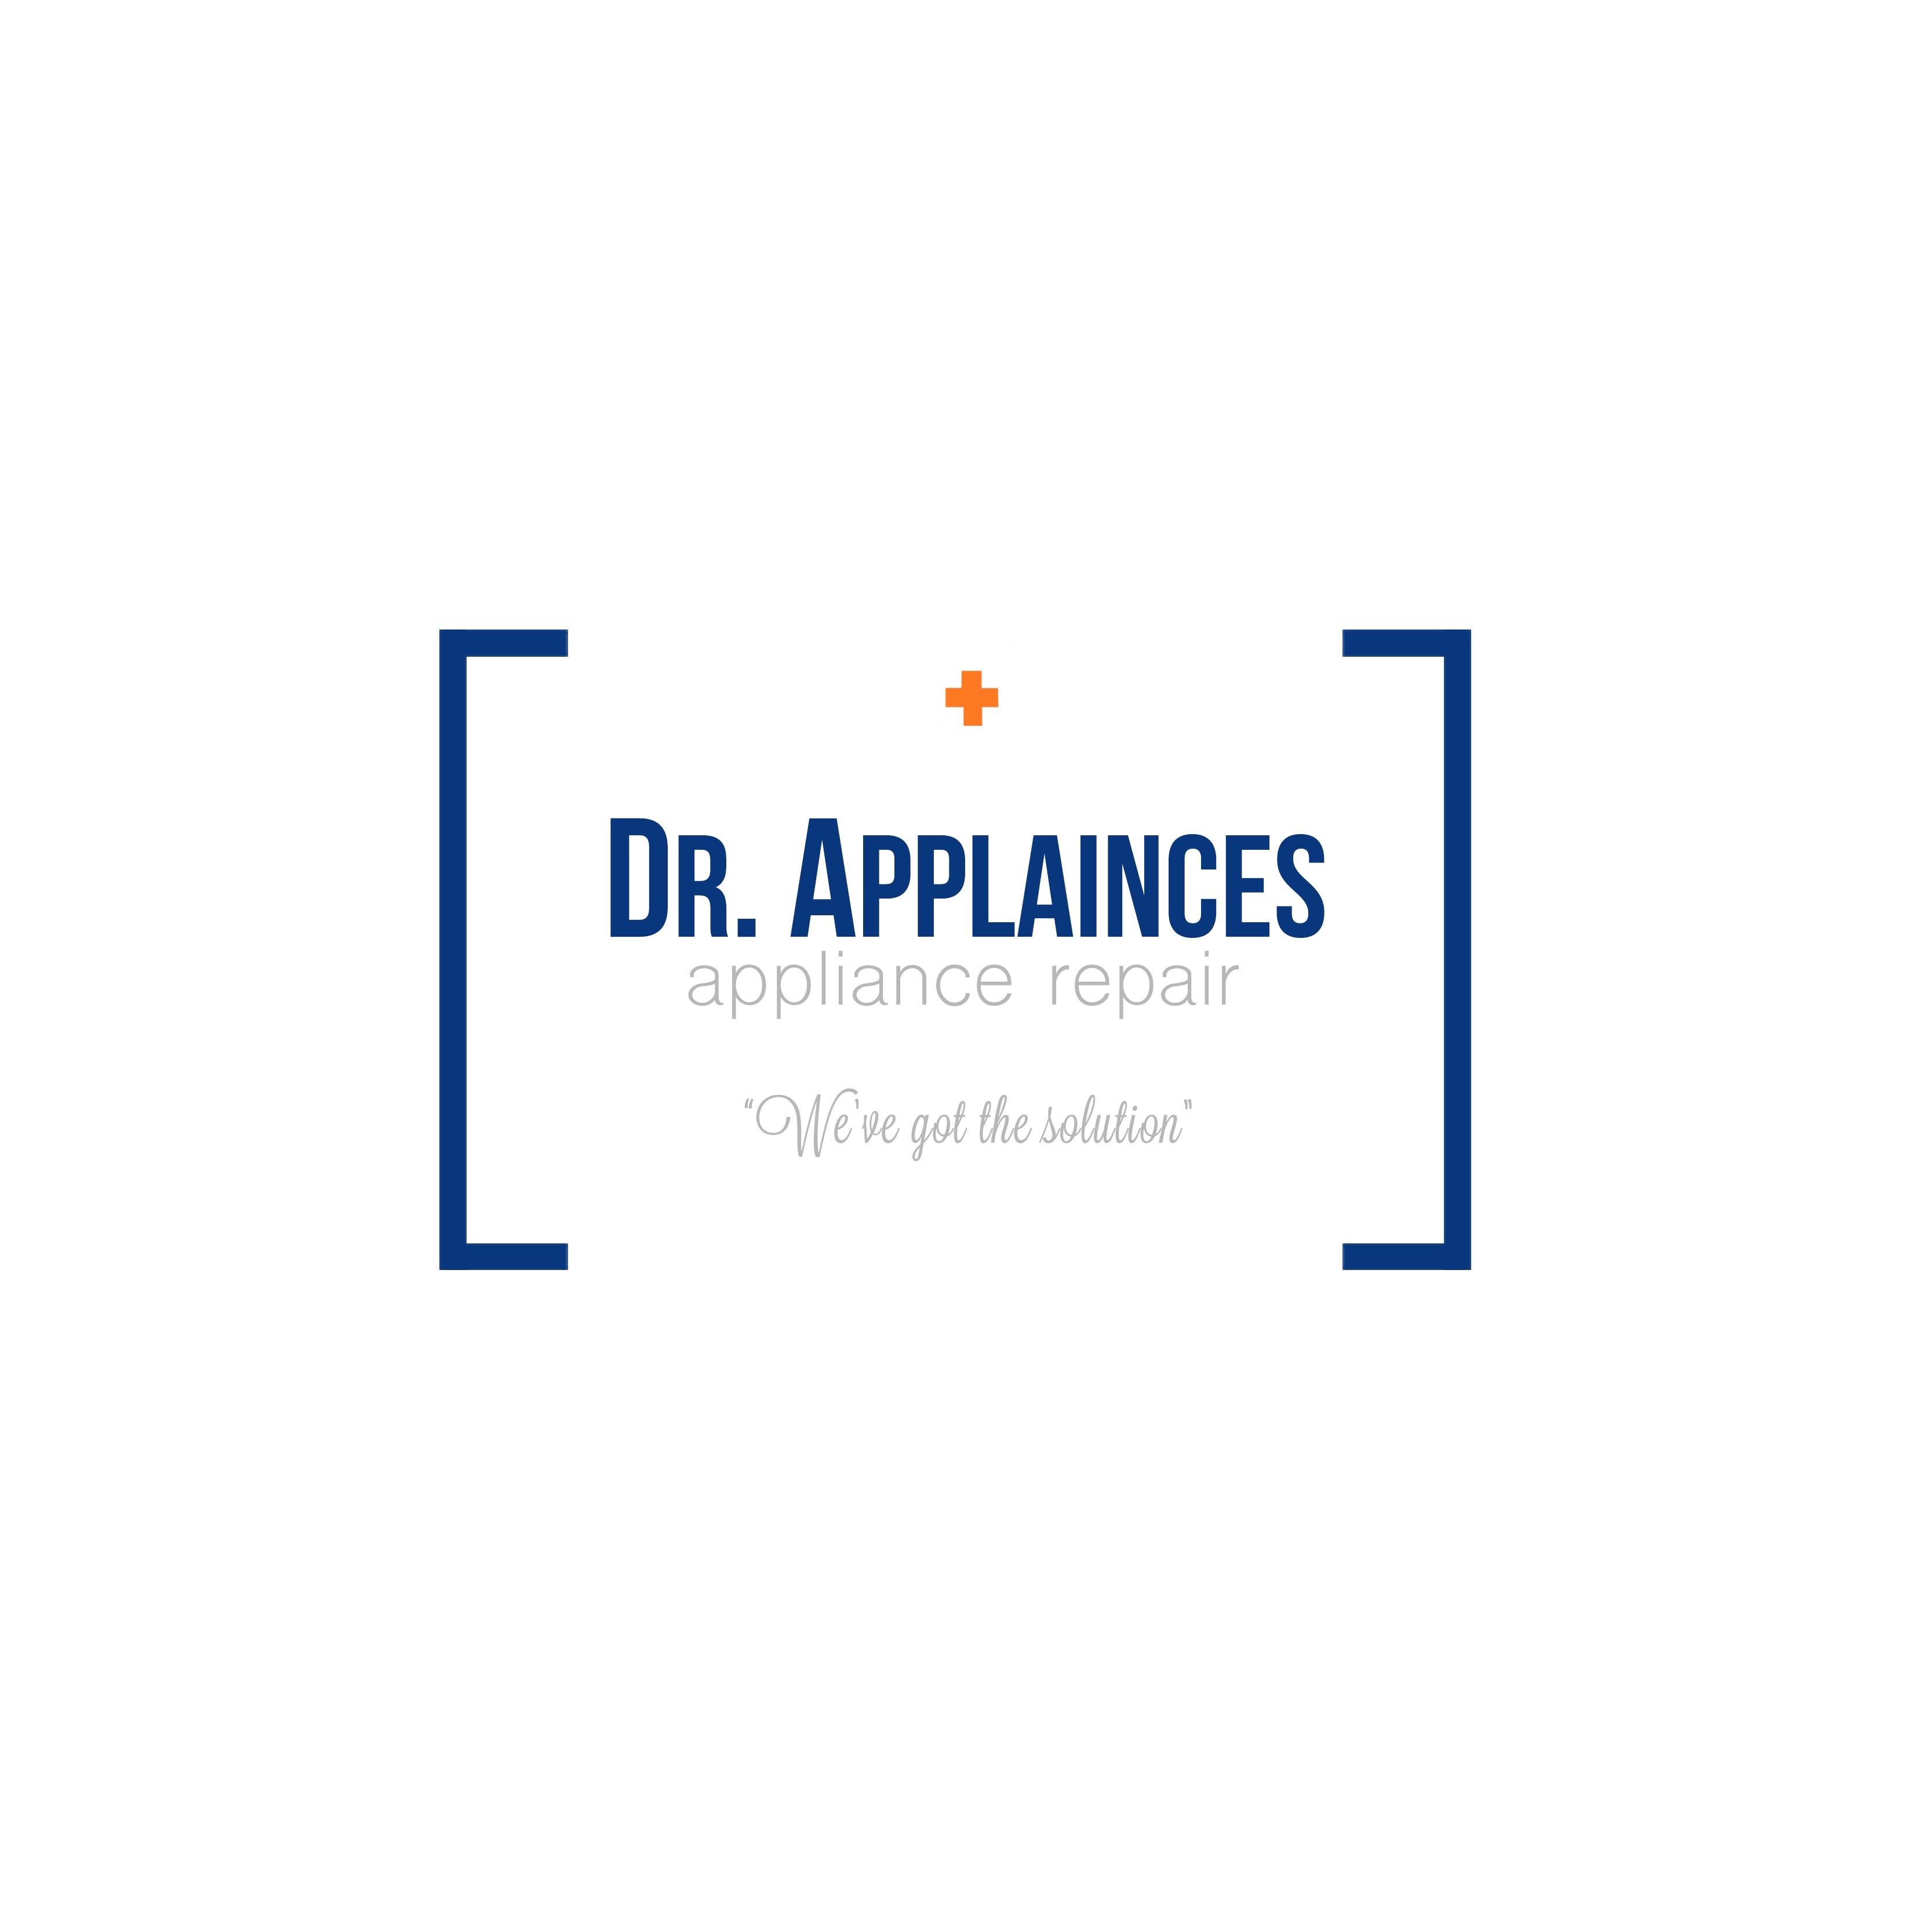 Dr. Appliances image 1